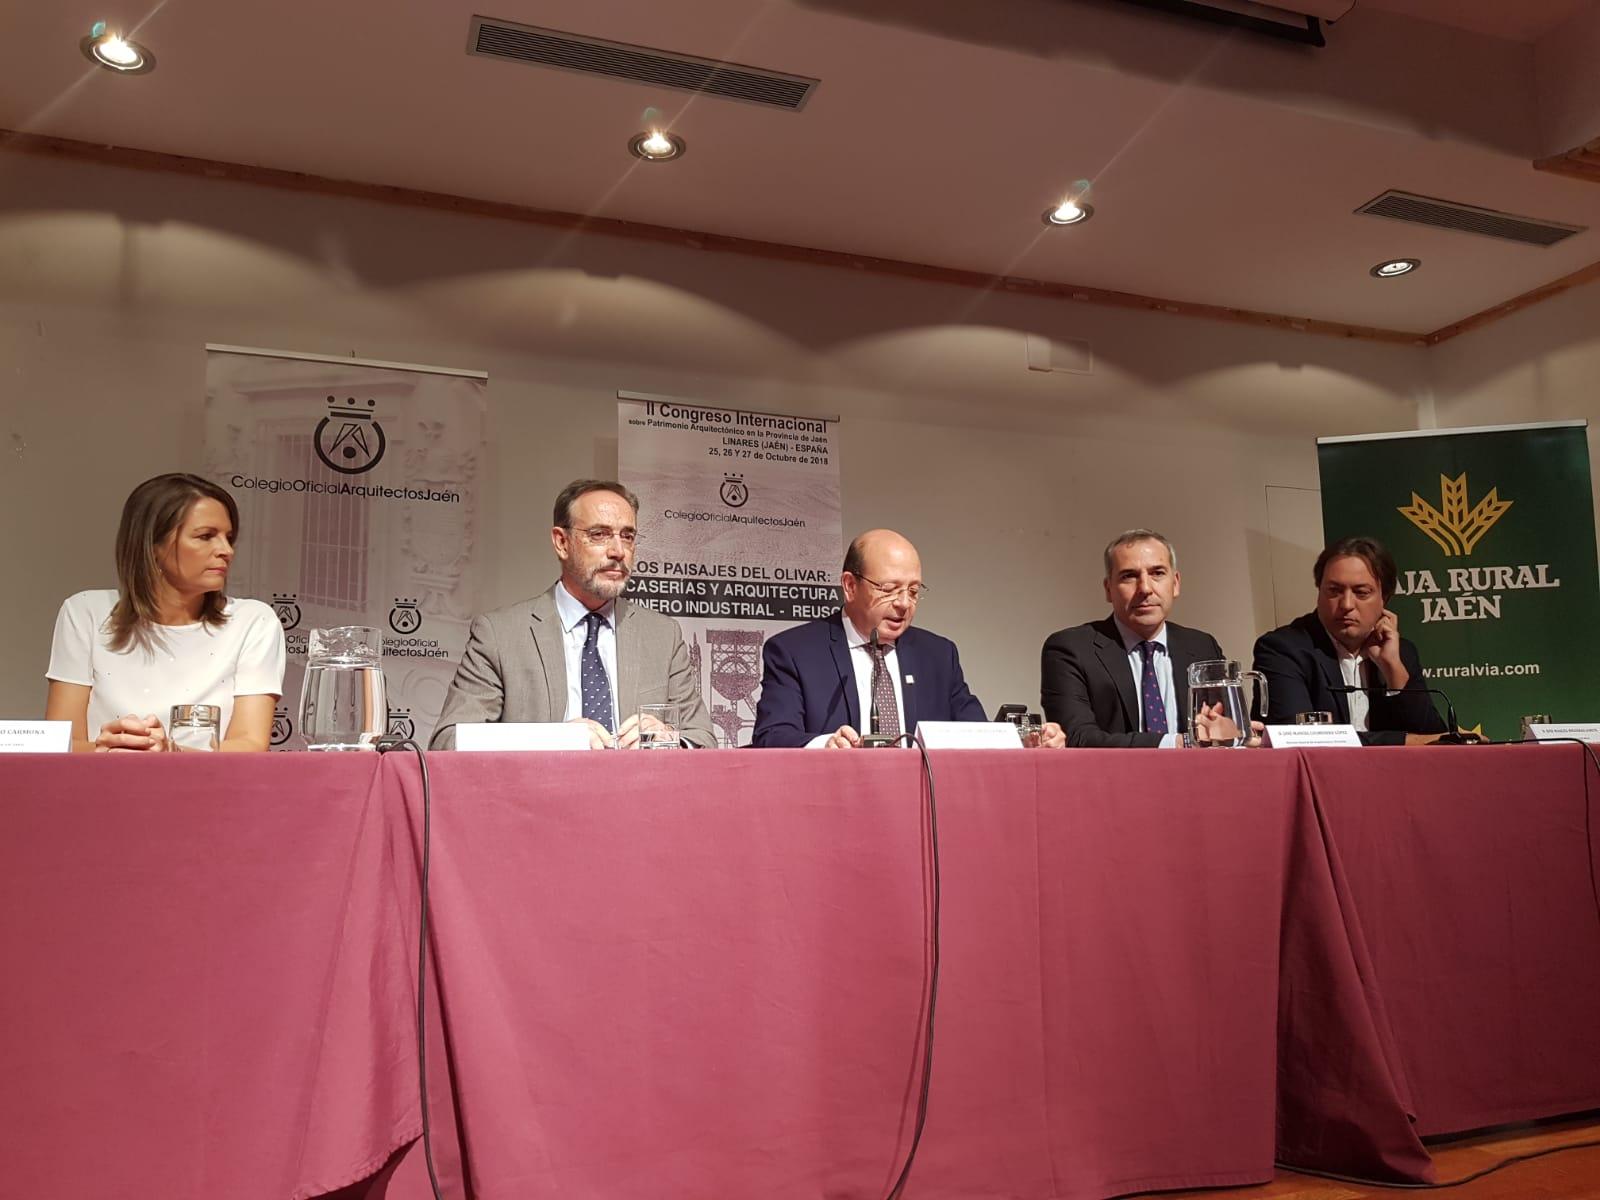 La Junta divulgará el Patrimonio Industrial y Minero de Andalucía